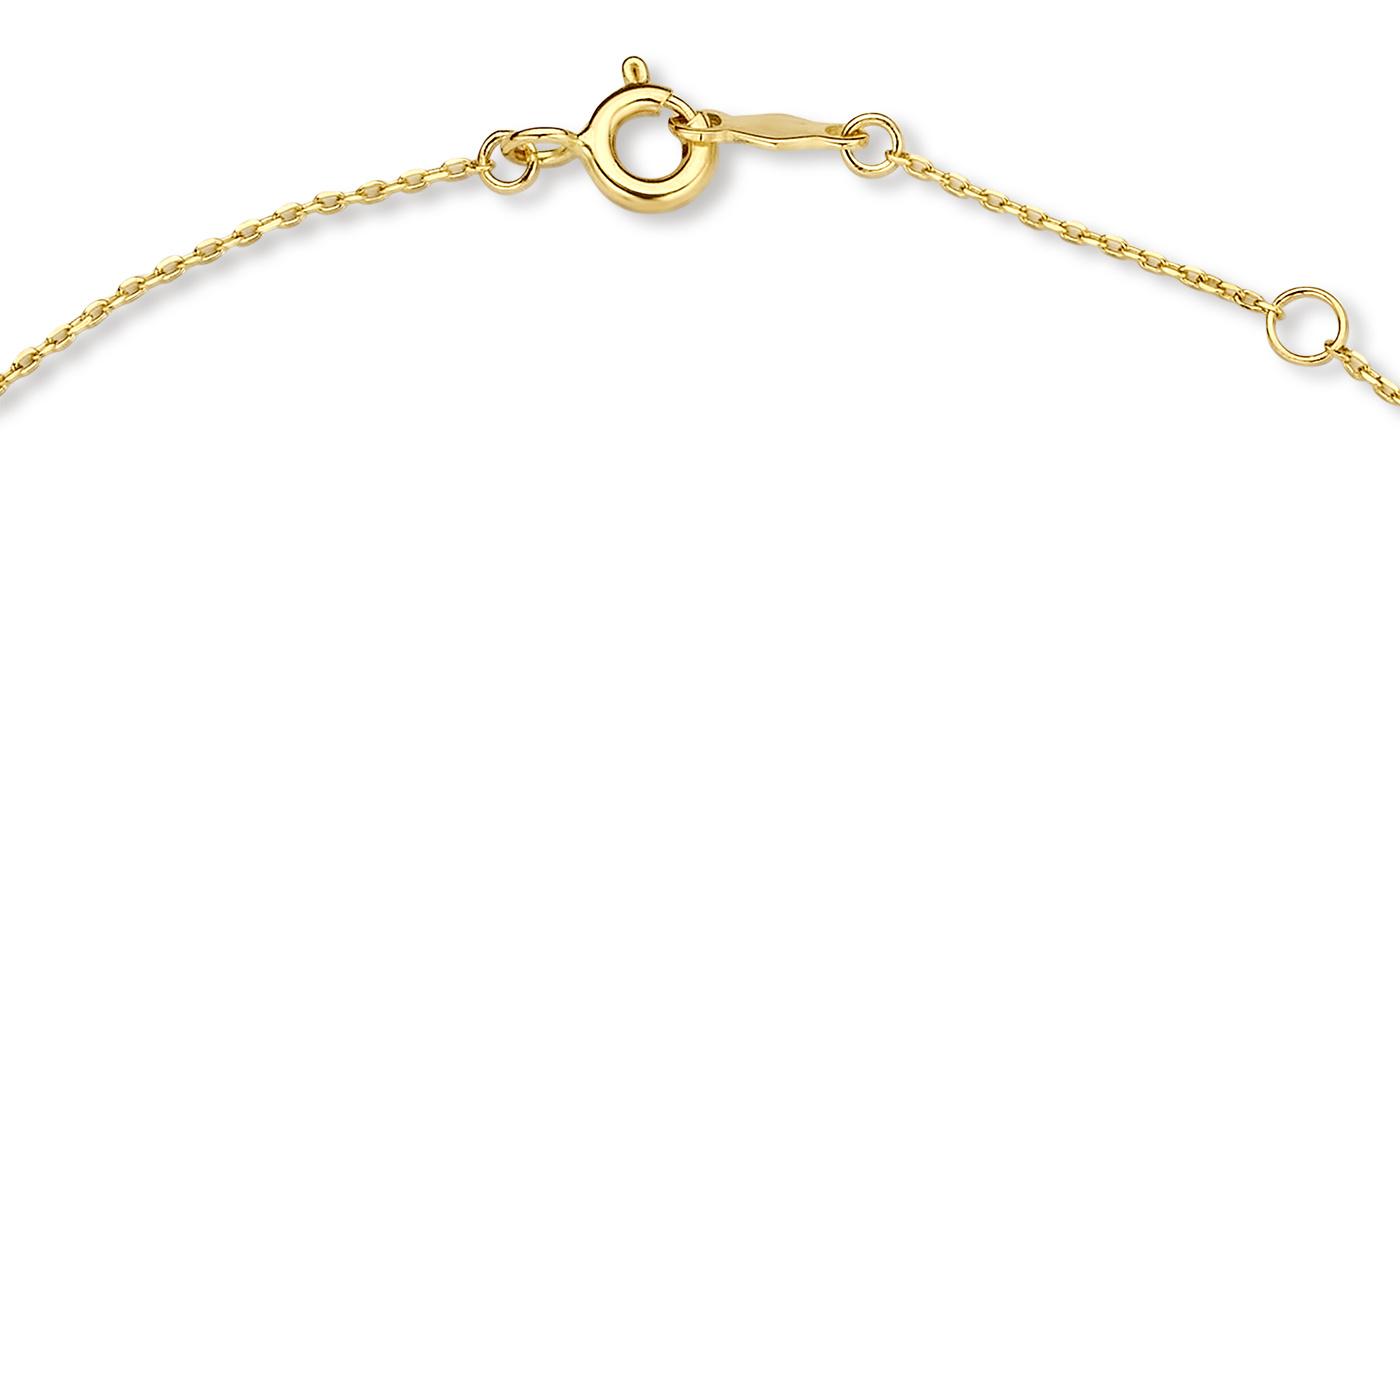 Isabel Bernard Le Marais Eloise 14 carat gold collier bar